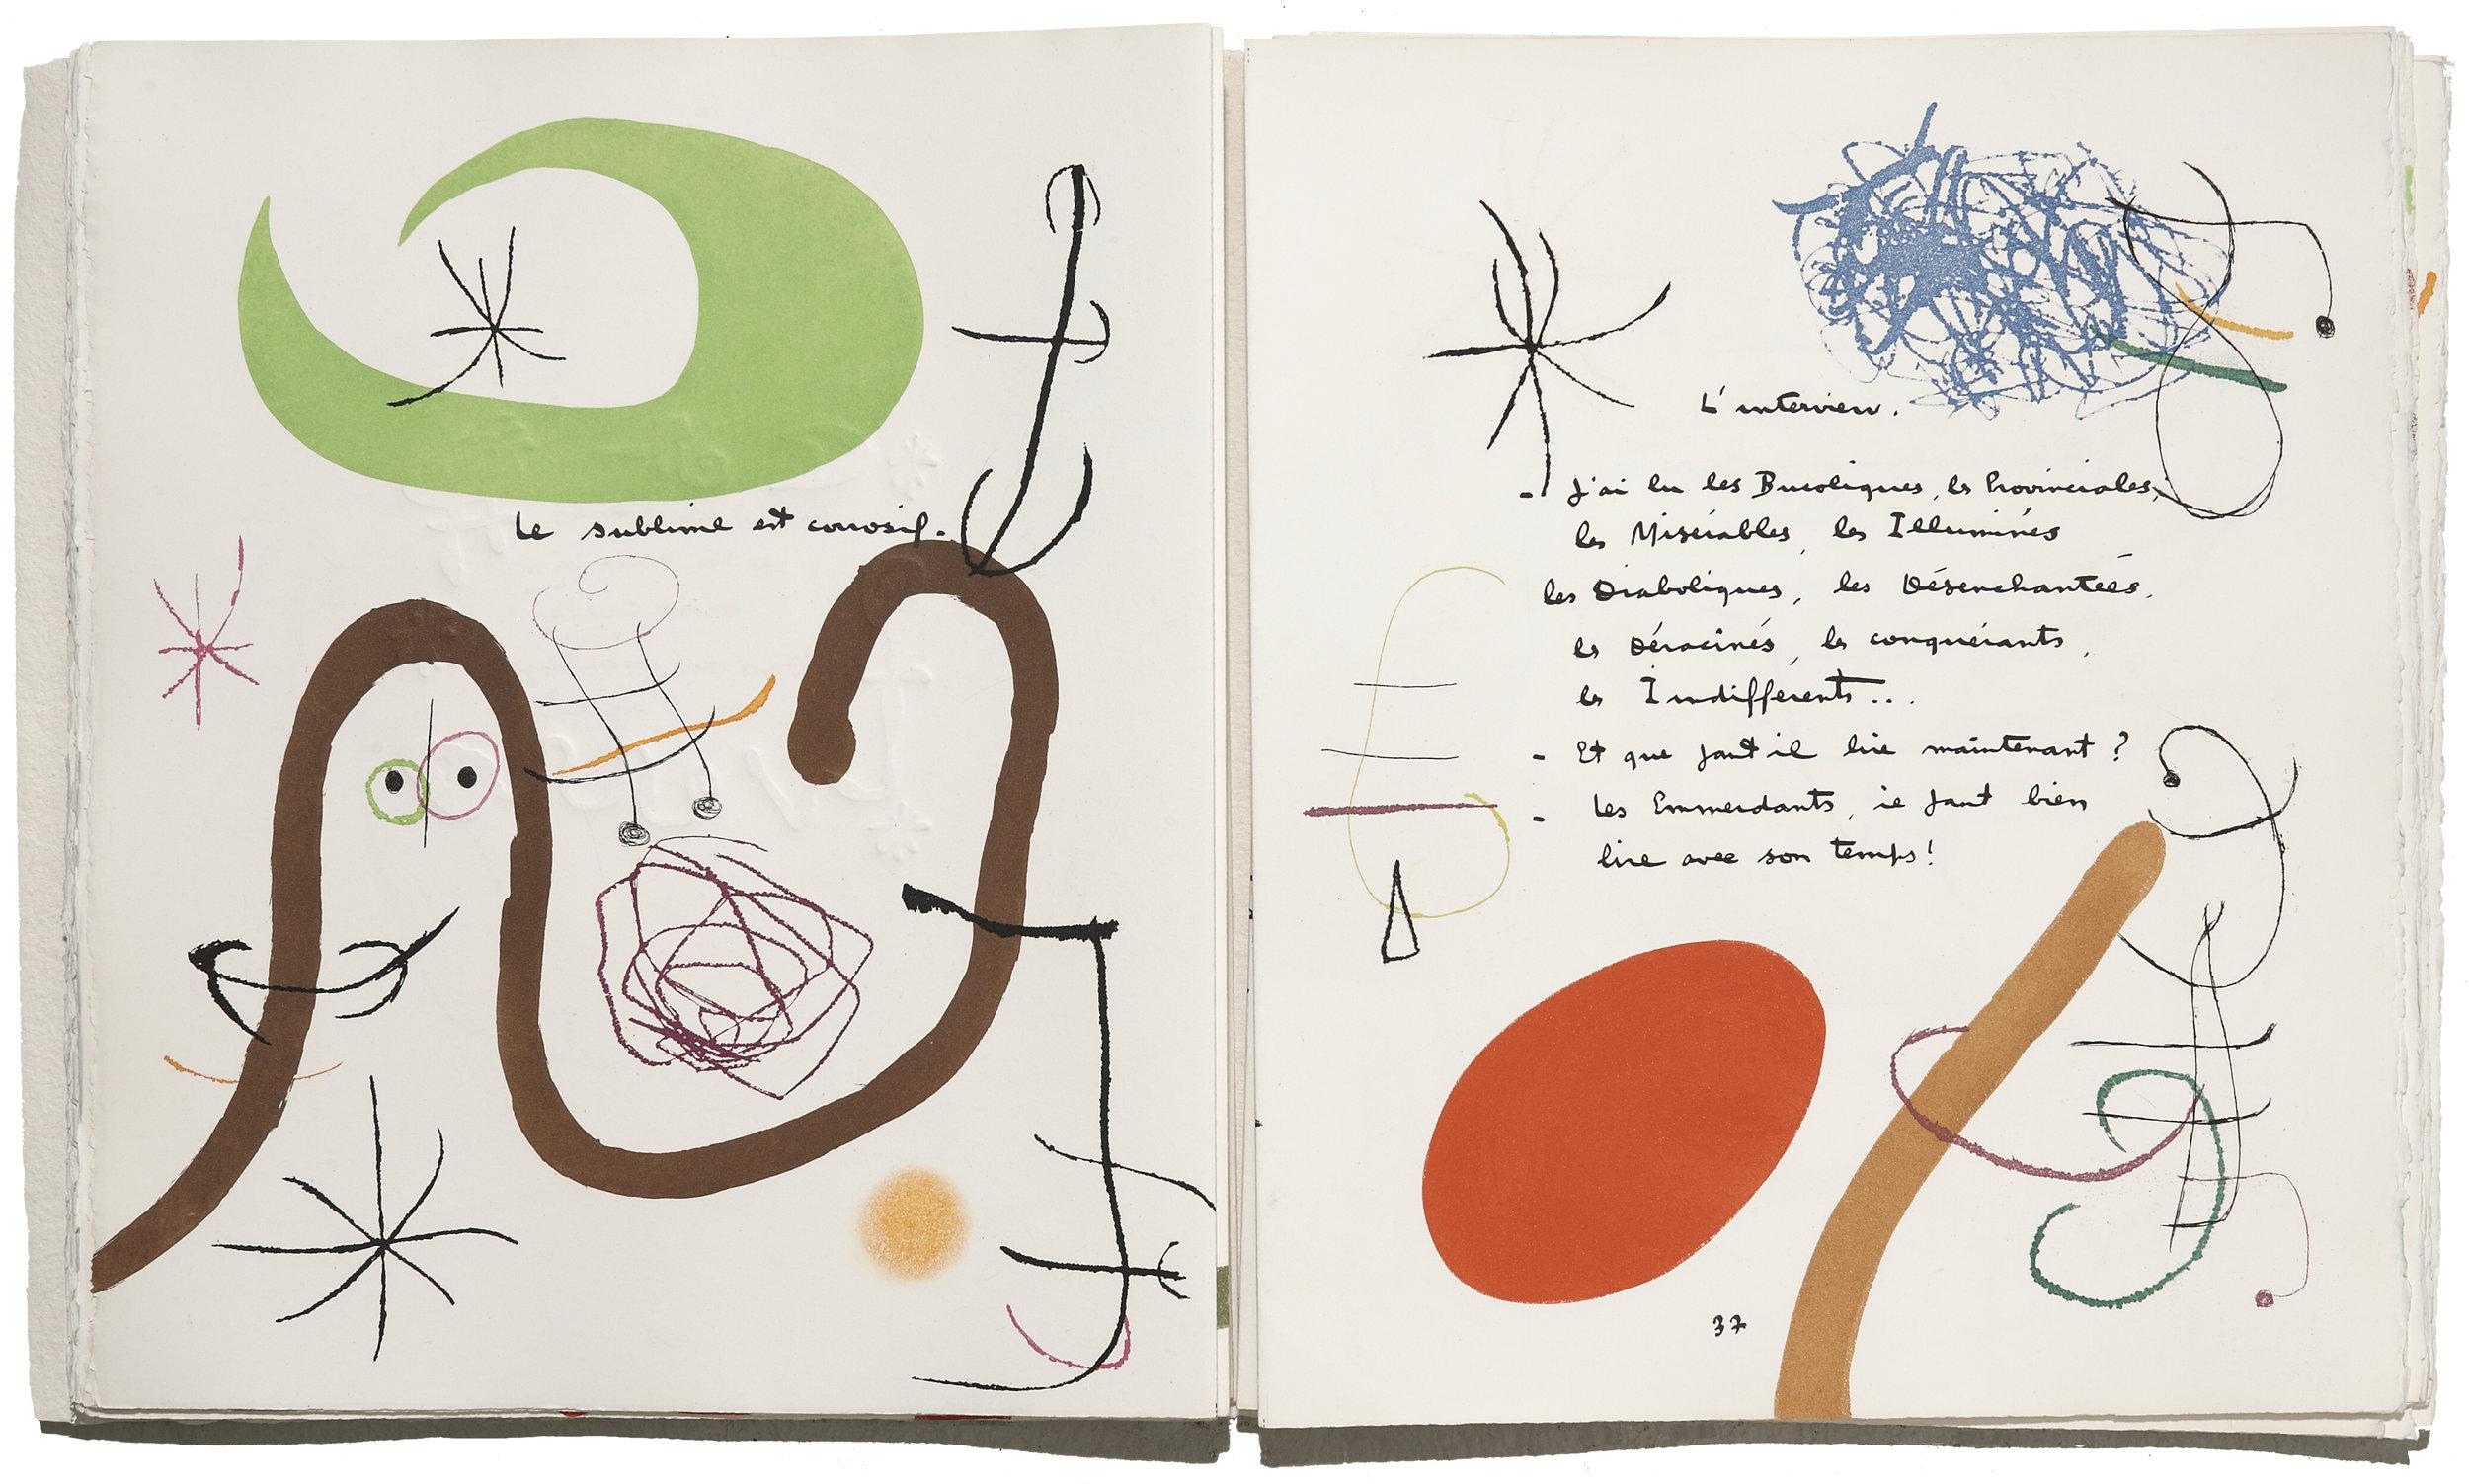 Adonides  (1975)  Texte de Jacques Prévert, illustré par Joan Miró, édité par Maeght Editeur  © Maeght Editeur, Paris